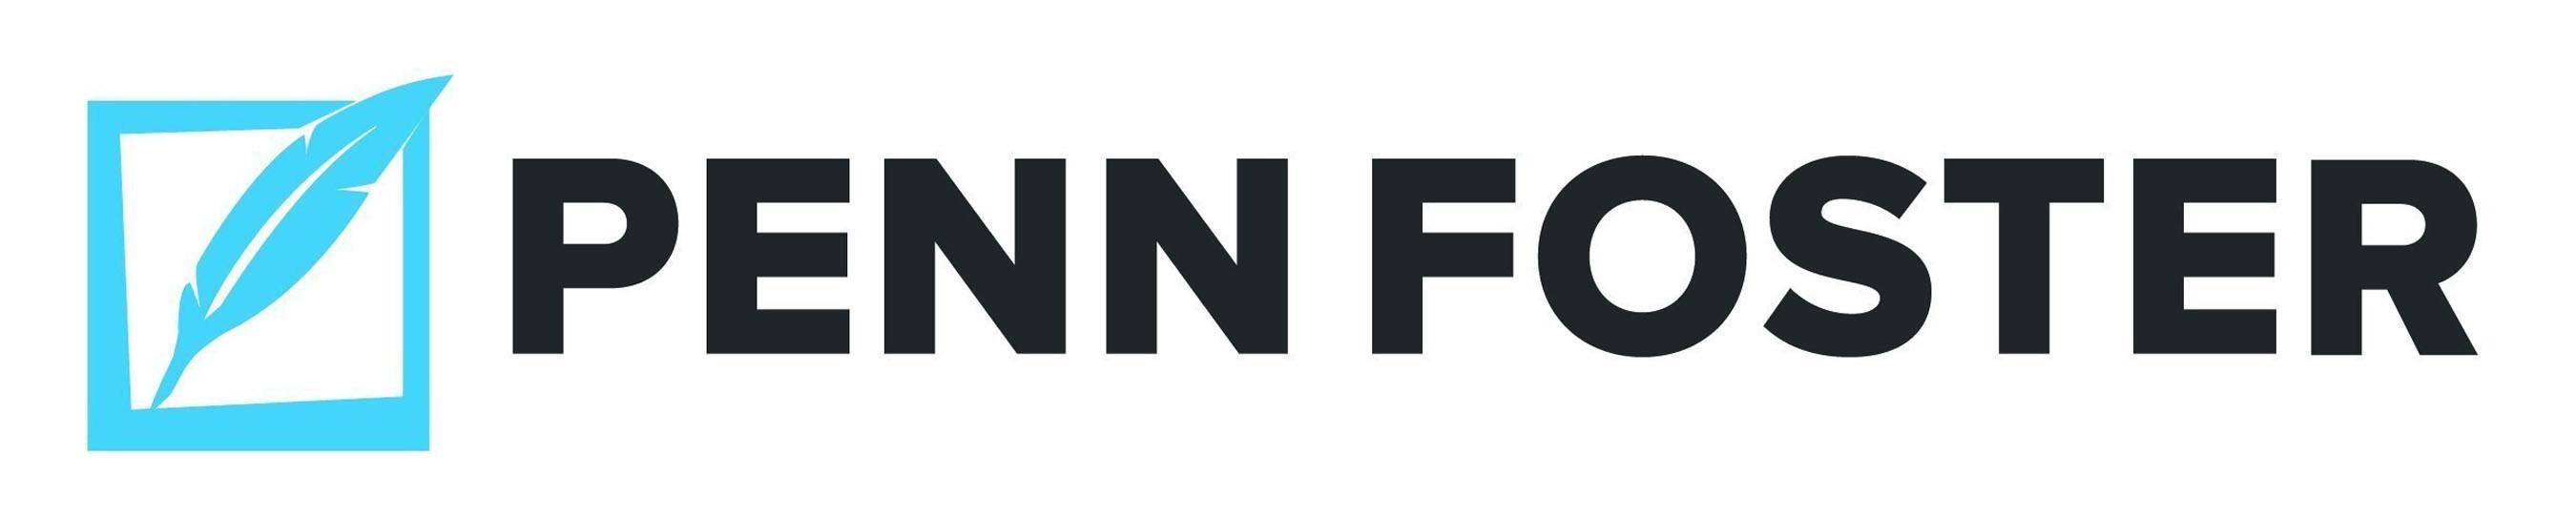 Image result for penn foster logo